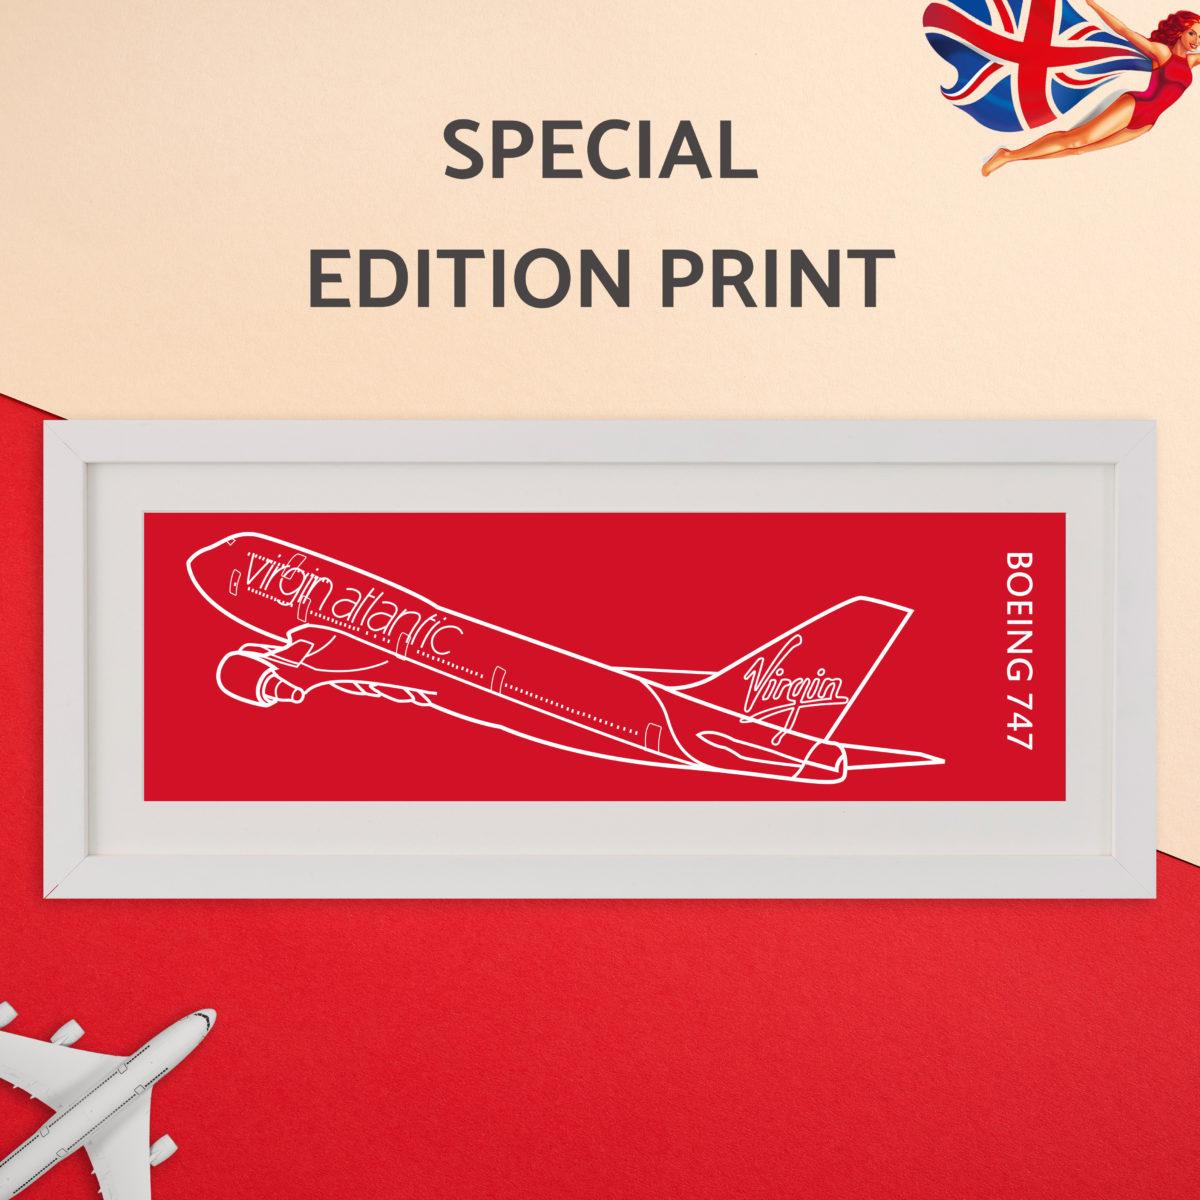 Virgin Atlantic Special Edition